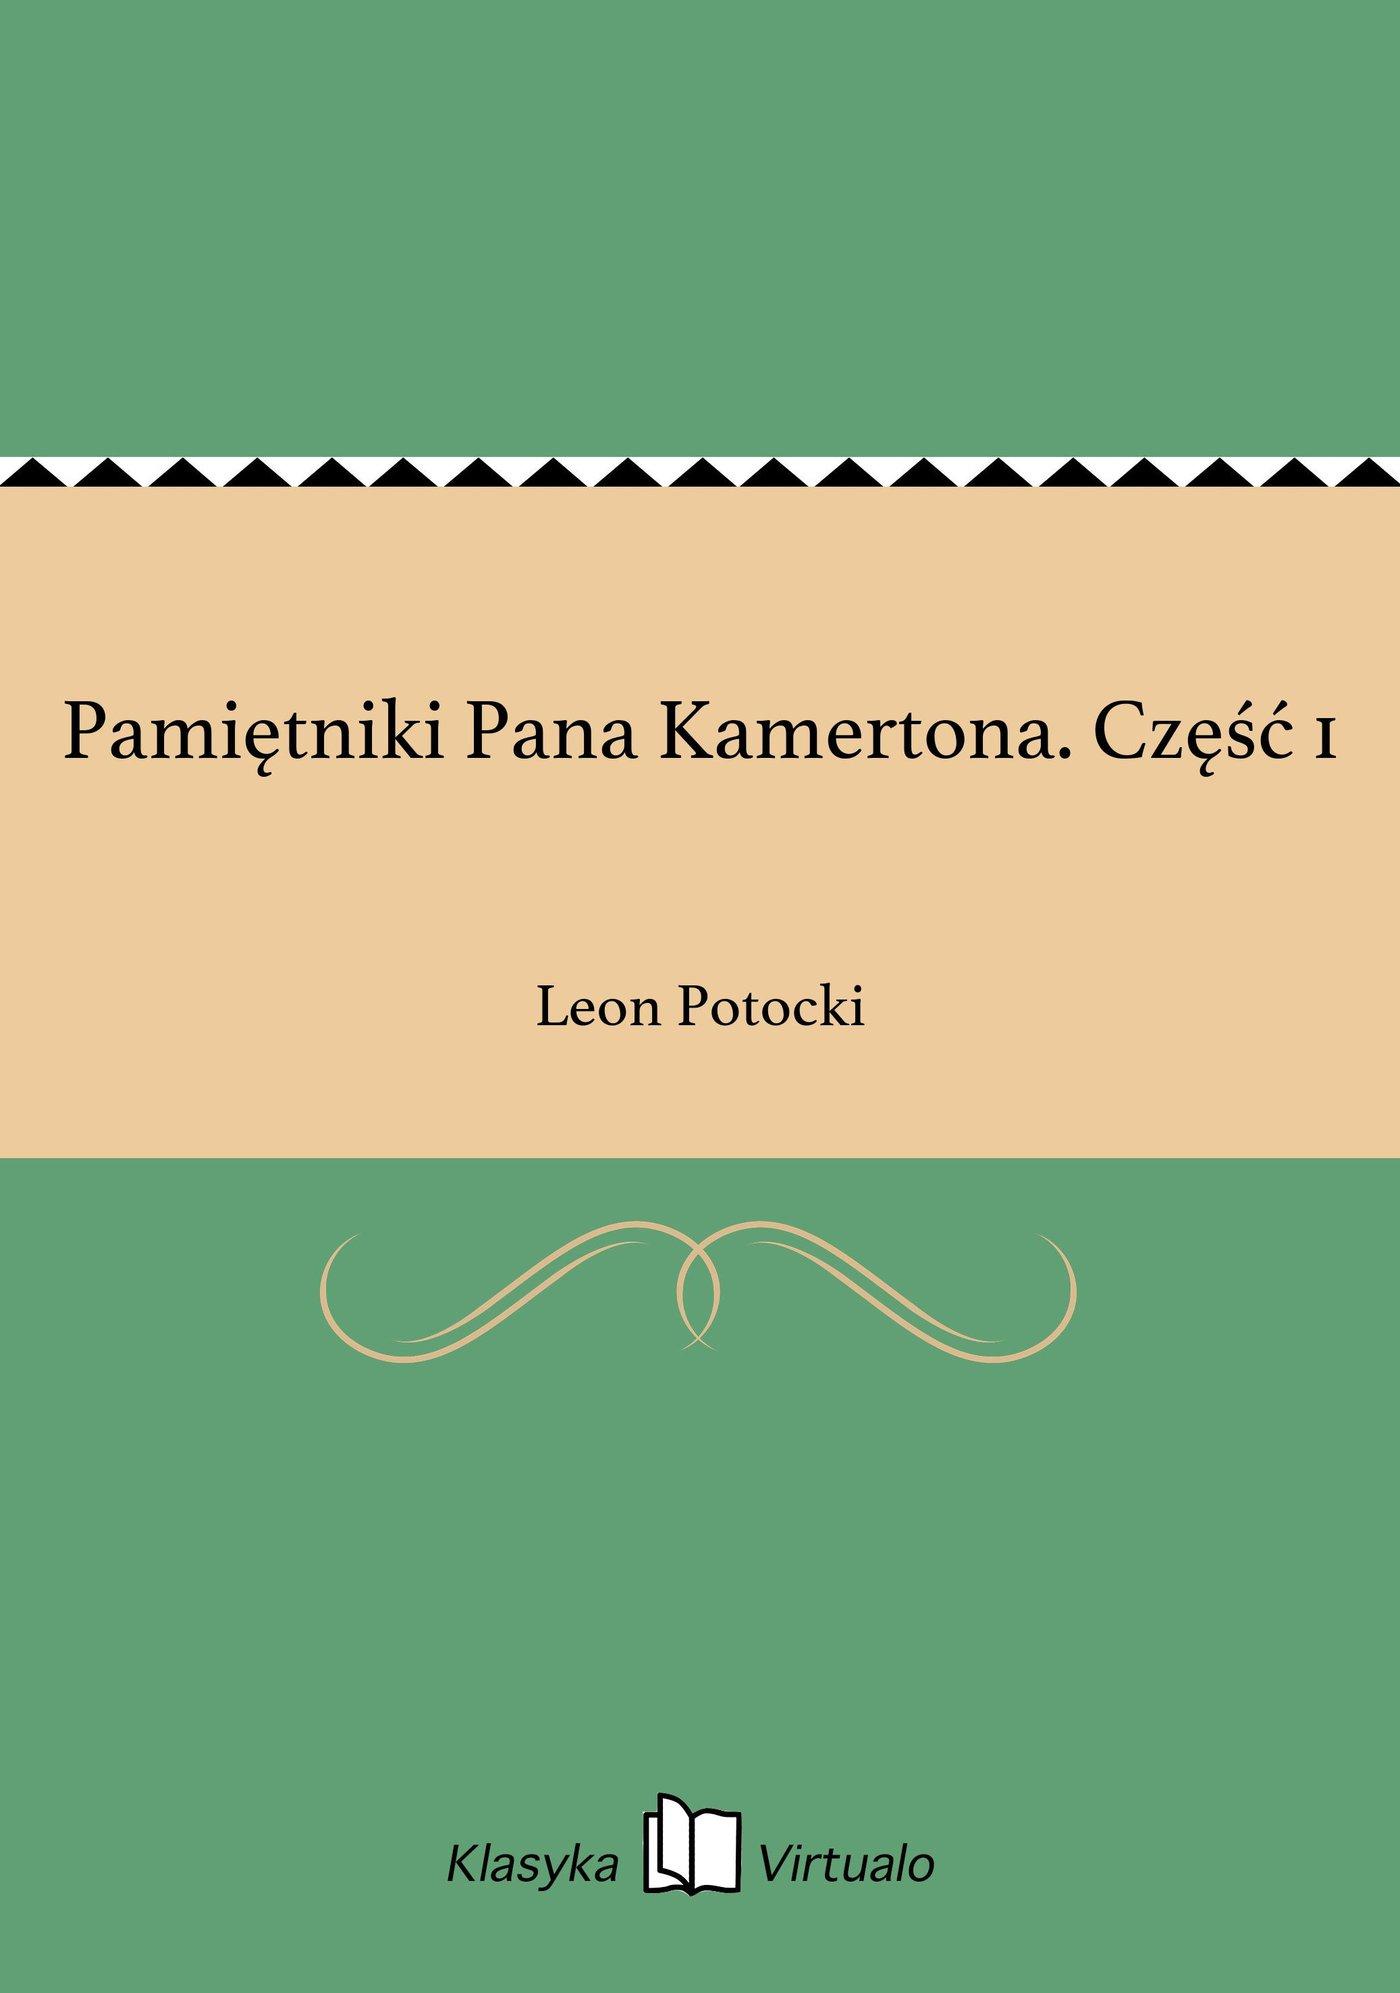 Pamiętniki Pana Kamertona. Część 1 - Ebook (Książka EPUB) do pobrania w formacie EPUB